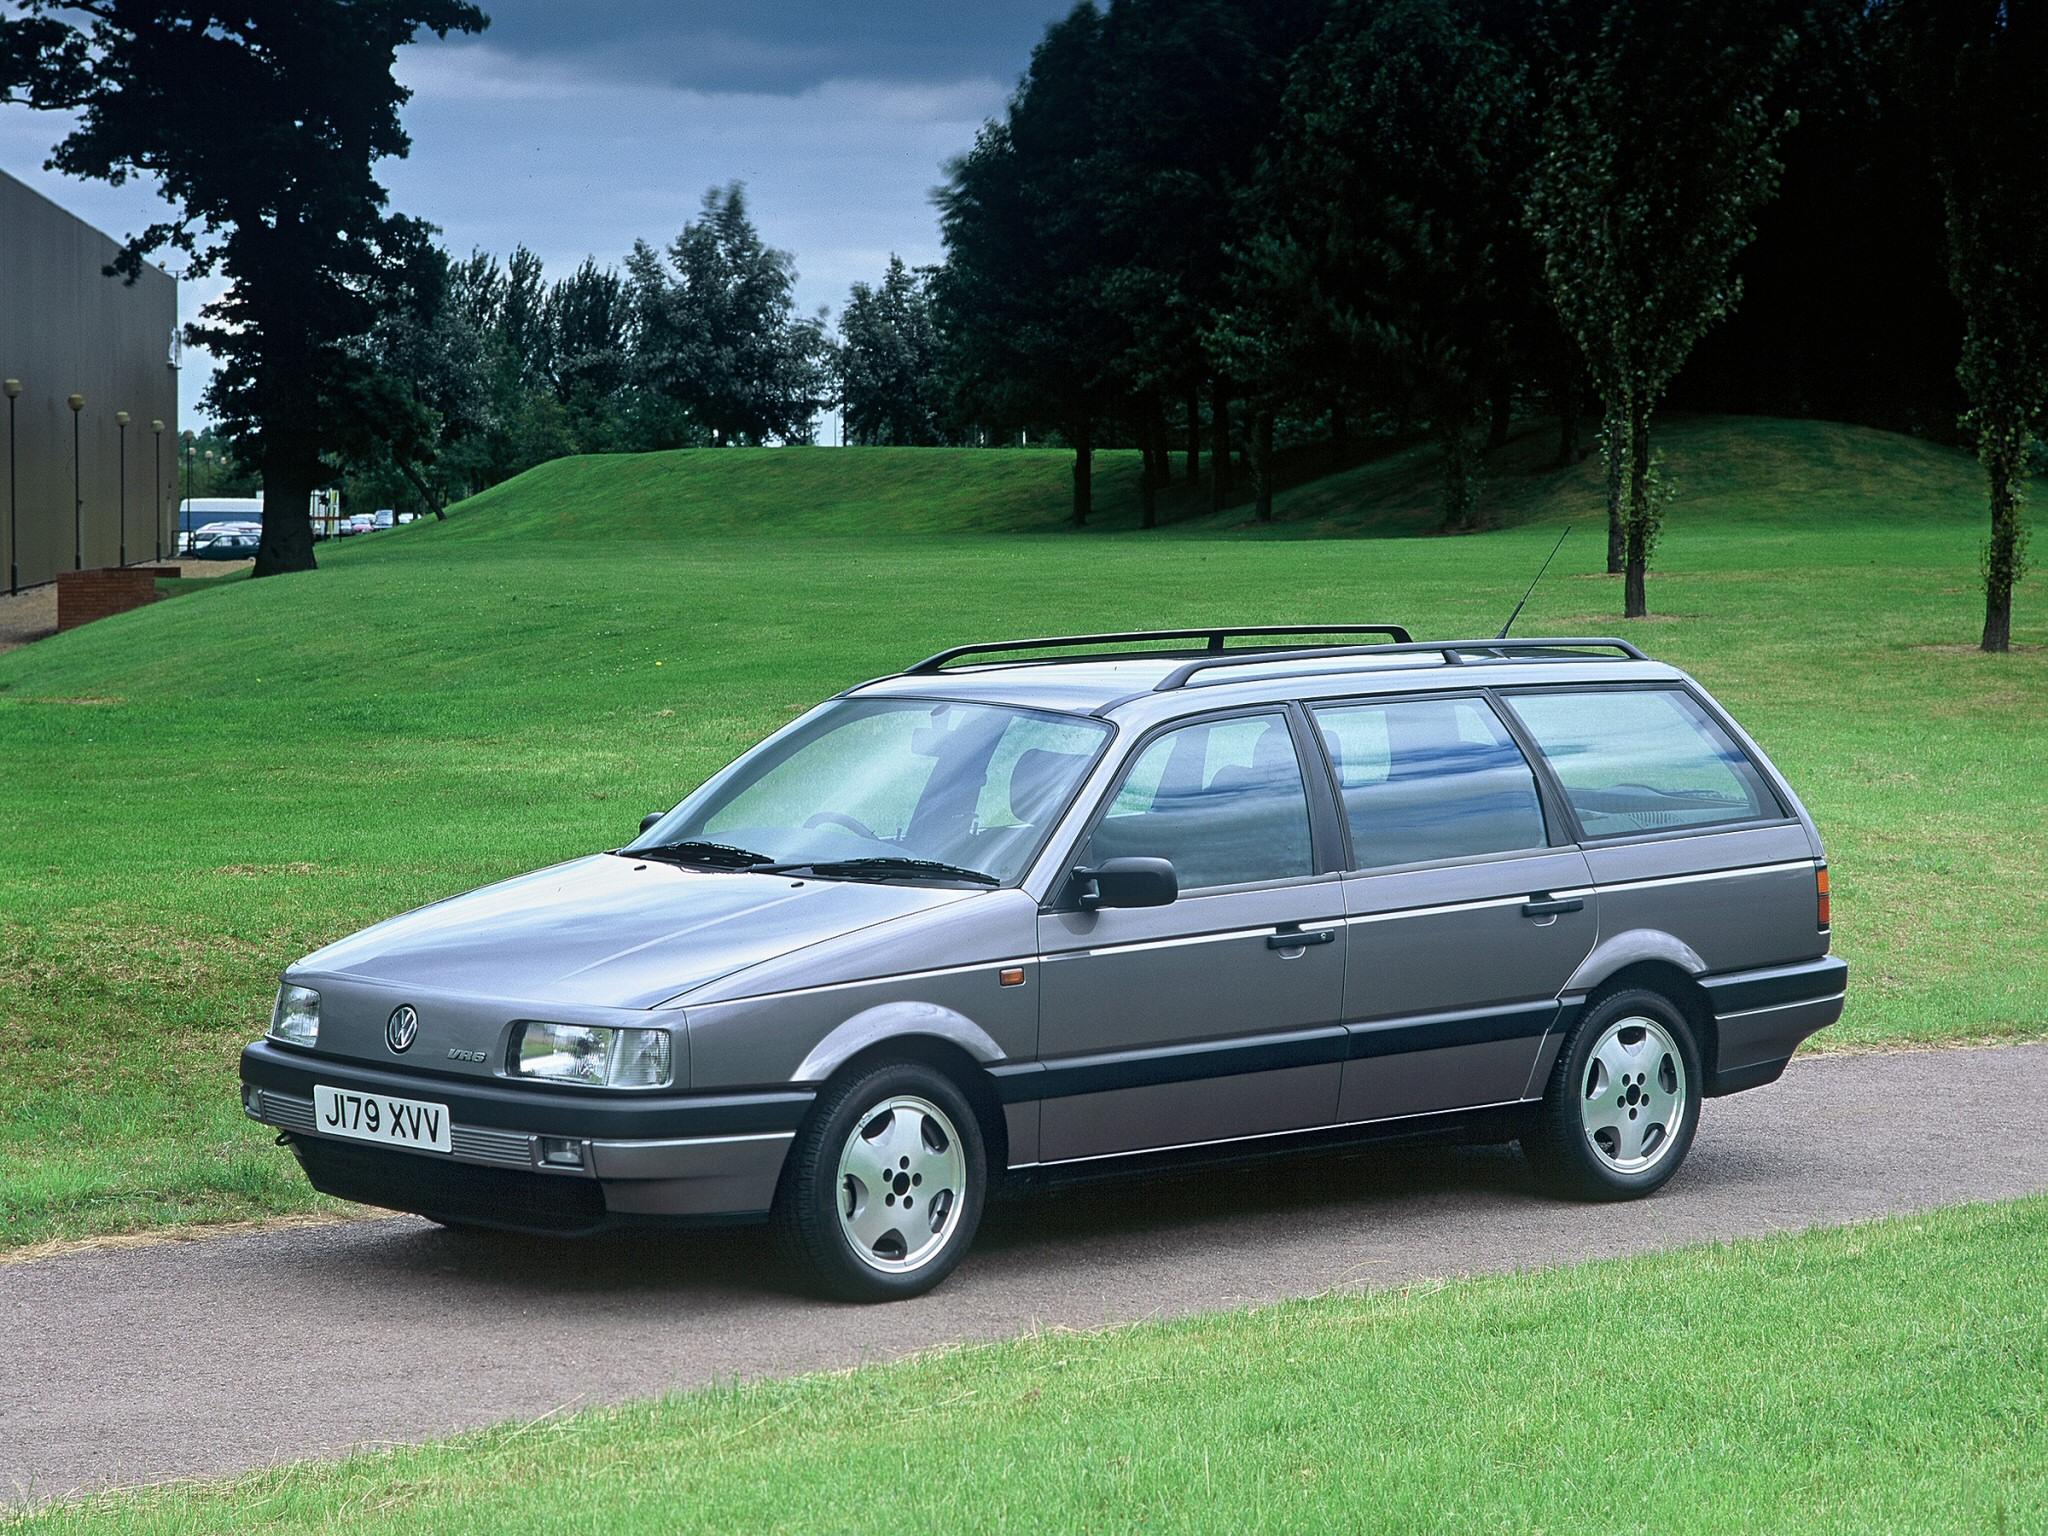 volkswagen_passat_1989-1993_r2_jpg.jpg